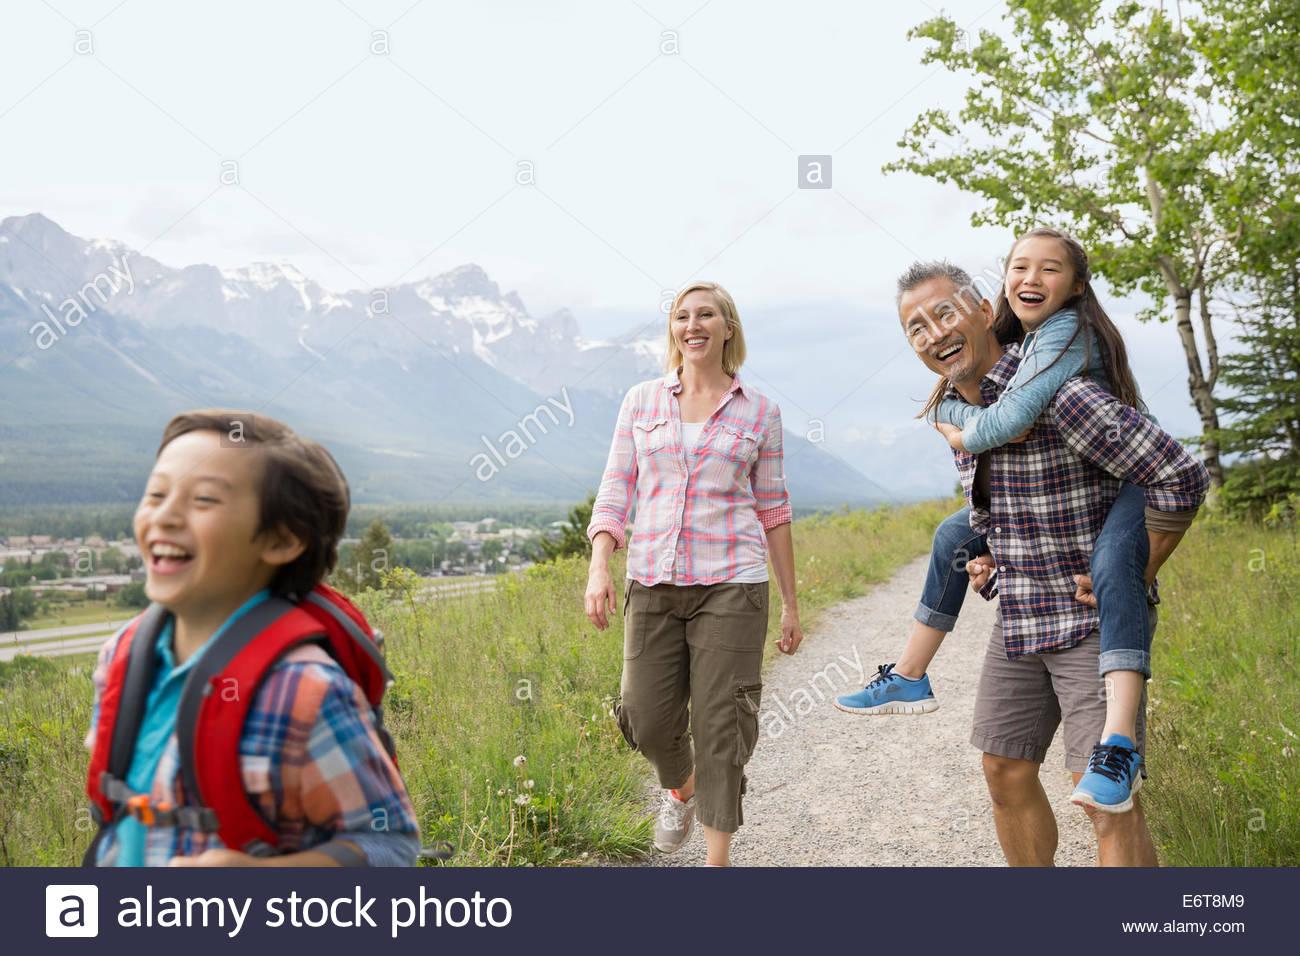 Les parents et la fille marche sur chemin de terre Photo Stock